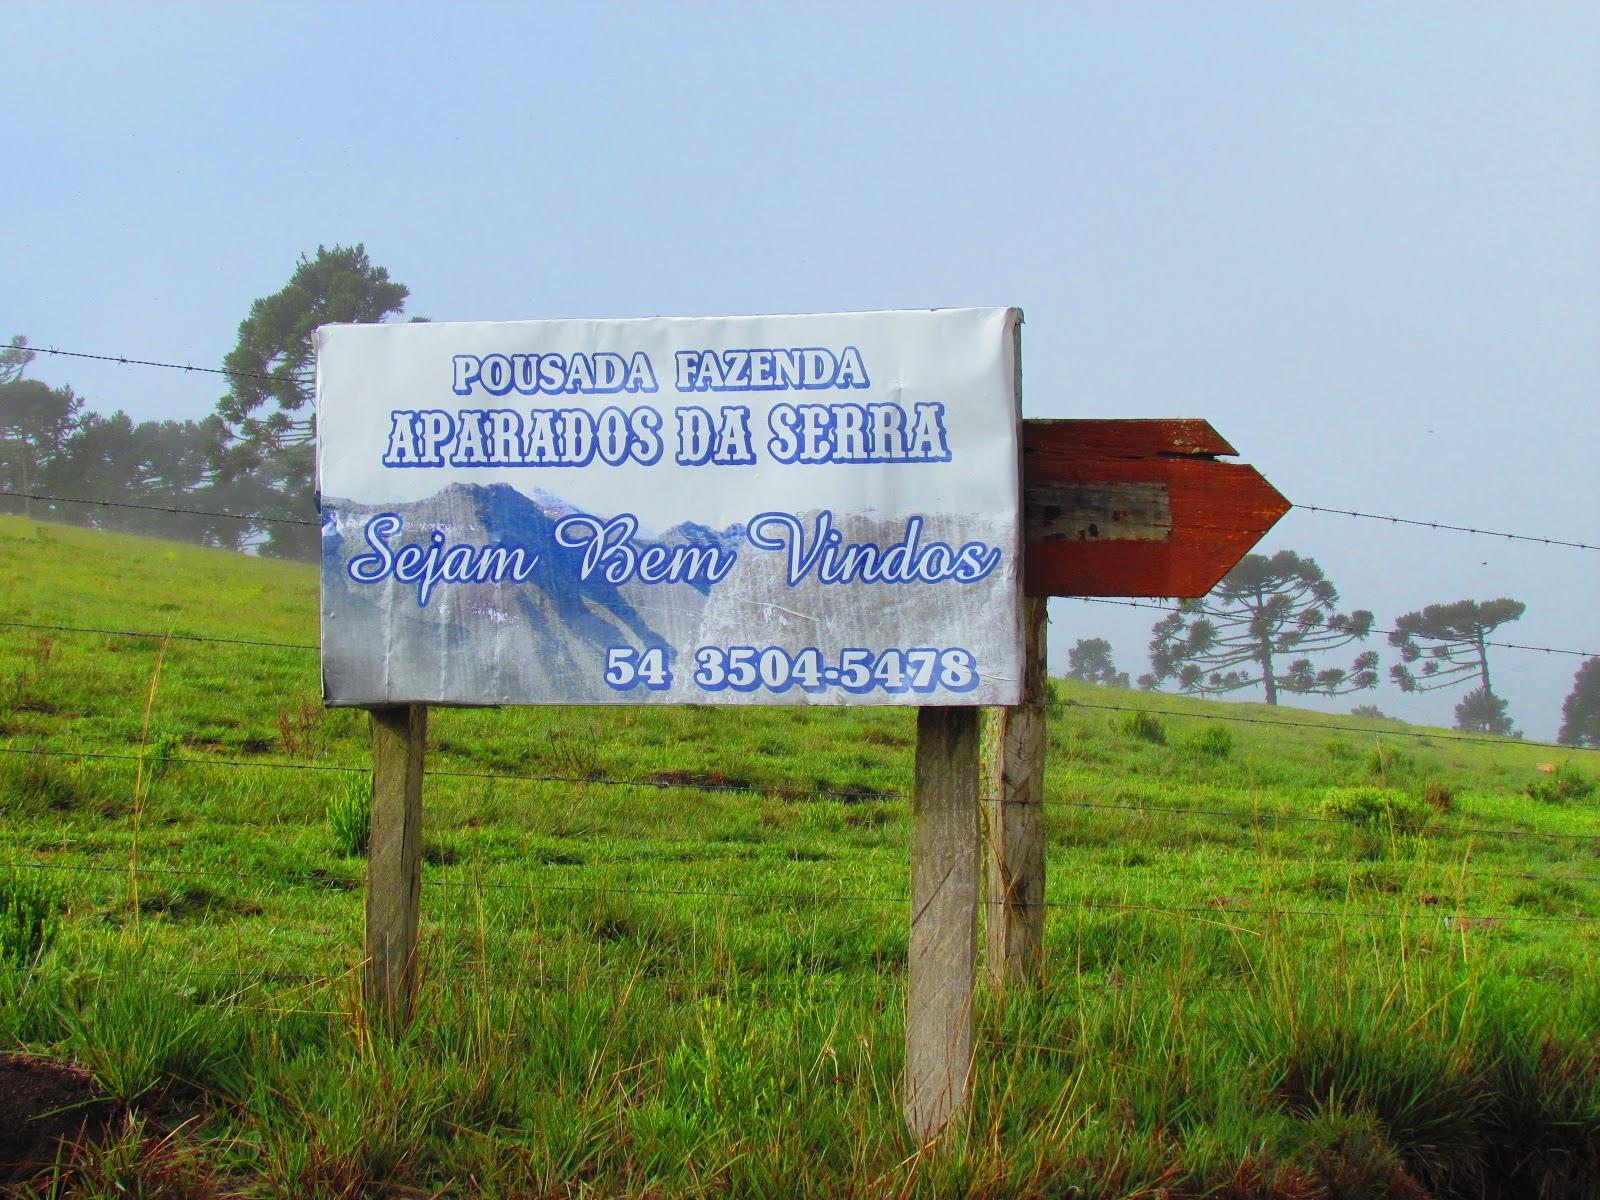 Imagens de #496610 Nosso Guia de Campings: BRASIL RS: Camping em São José dos  1600x1200 px 3122 Box Banheiro Acrilico Sao Jose Sc